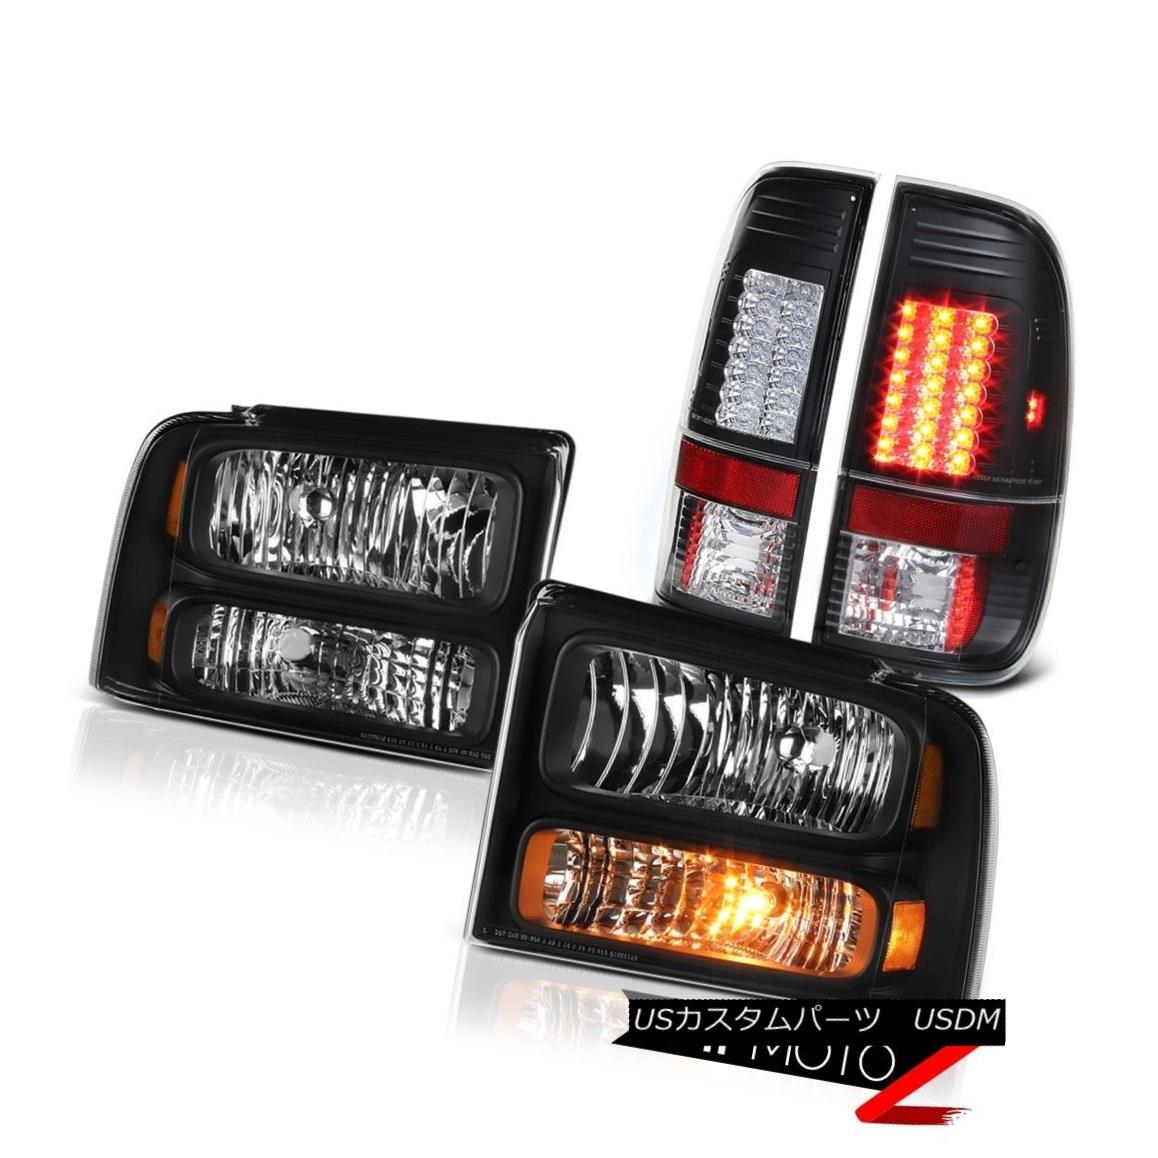 ヘッドライト Pair Black Diamond Headlights LED Tail Lights 2005 2006 2007 Ford F250 SuperDuty ペアブラックダイヤモンドヘッドライトLEDテールライト2005 2006 2007 Ford F250 SuperDuty